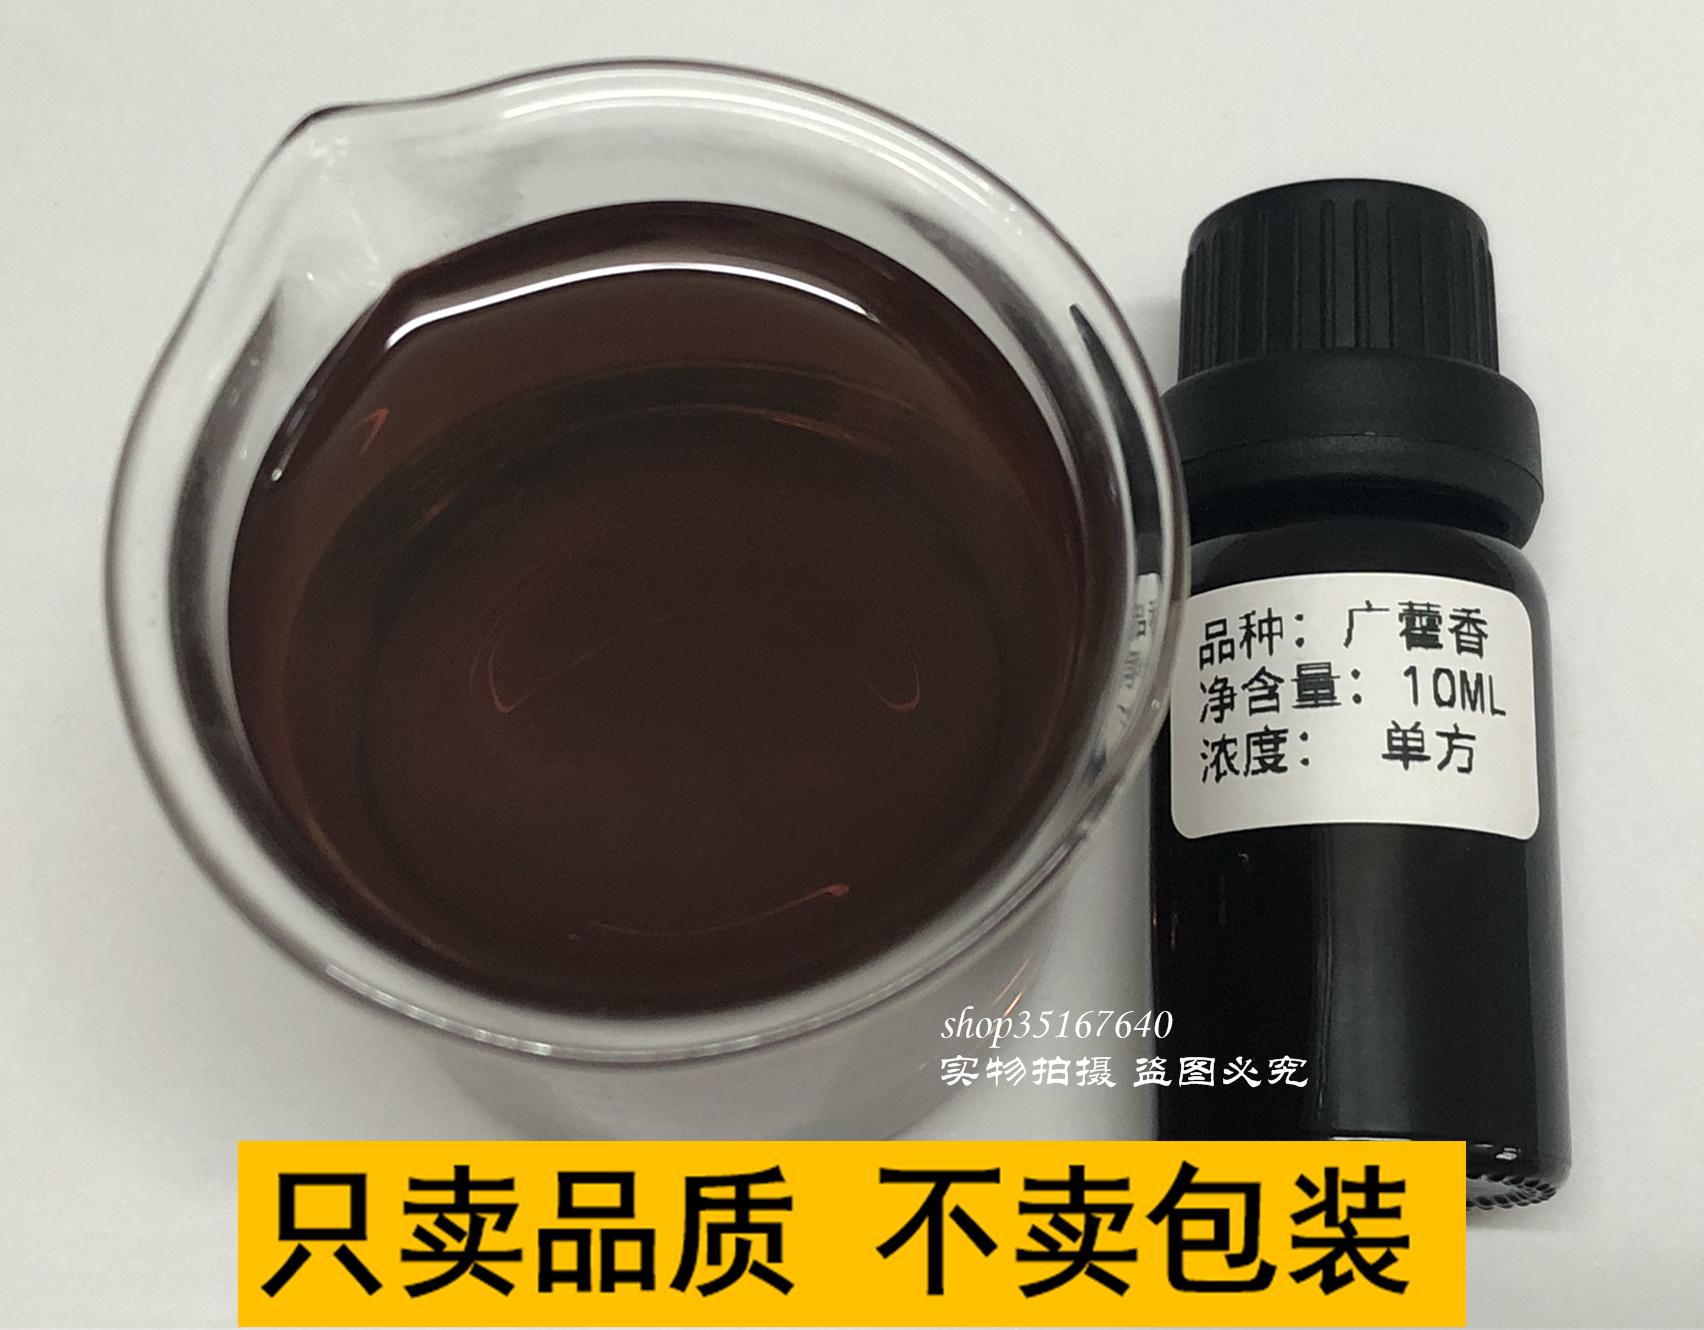 檀香精油 10ML  永久保存越久越醇进口印尼广藿香精油 单方精油平民